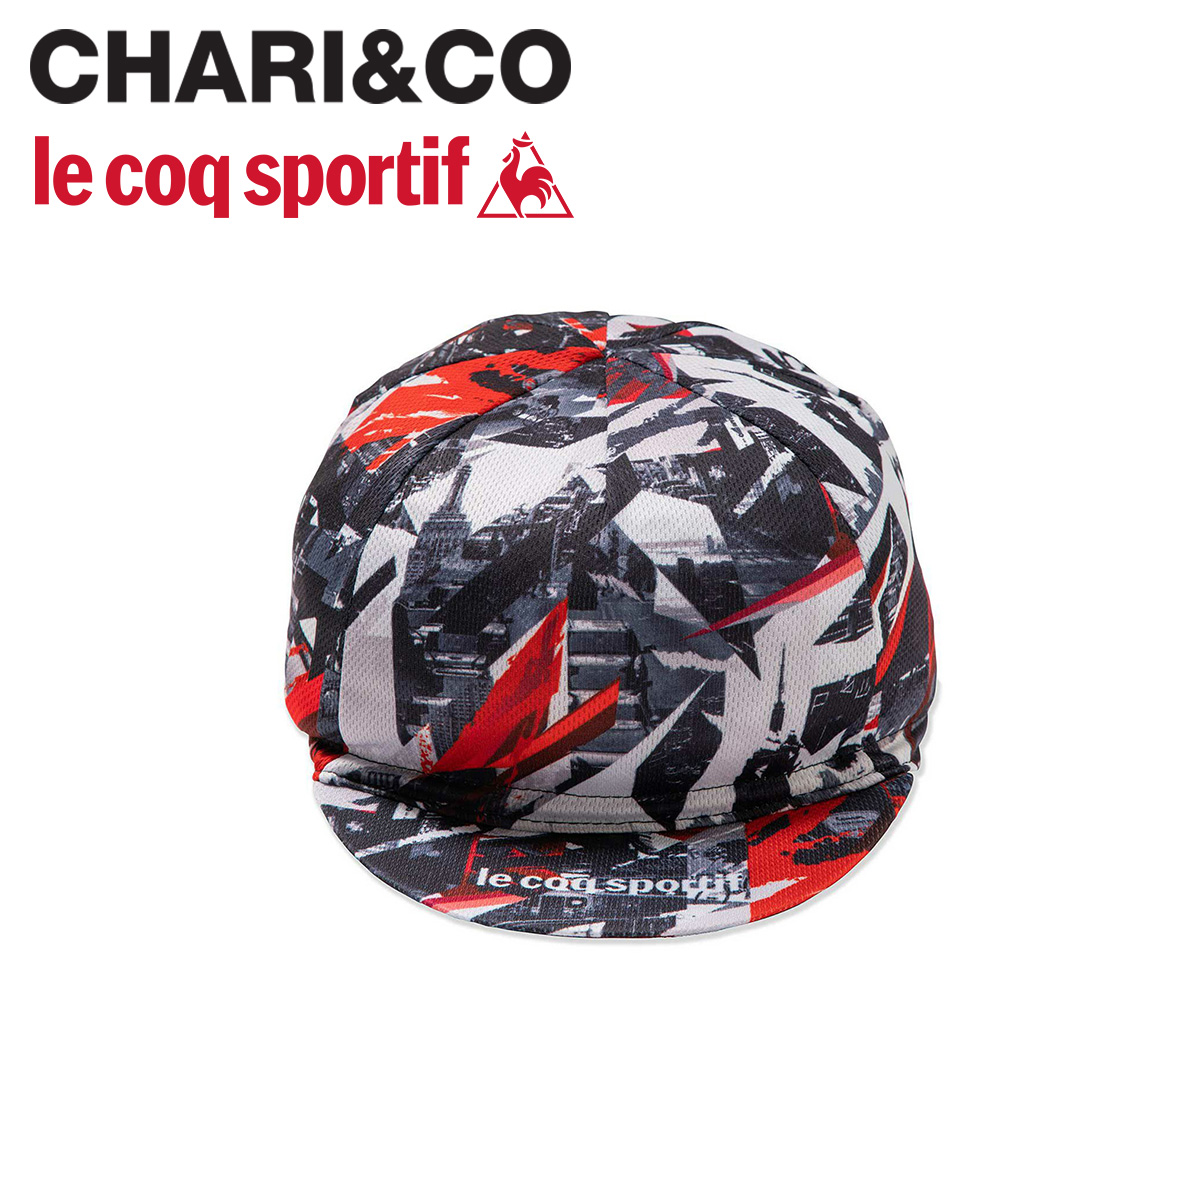 CHARI&CO チャリアンドコー ルコック スポルティフ le coq sportif キャップ 帽子 メンズ レディース CYCLE CAP コラボ レッド